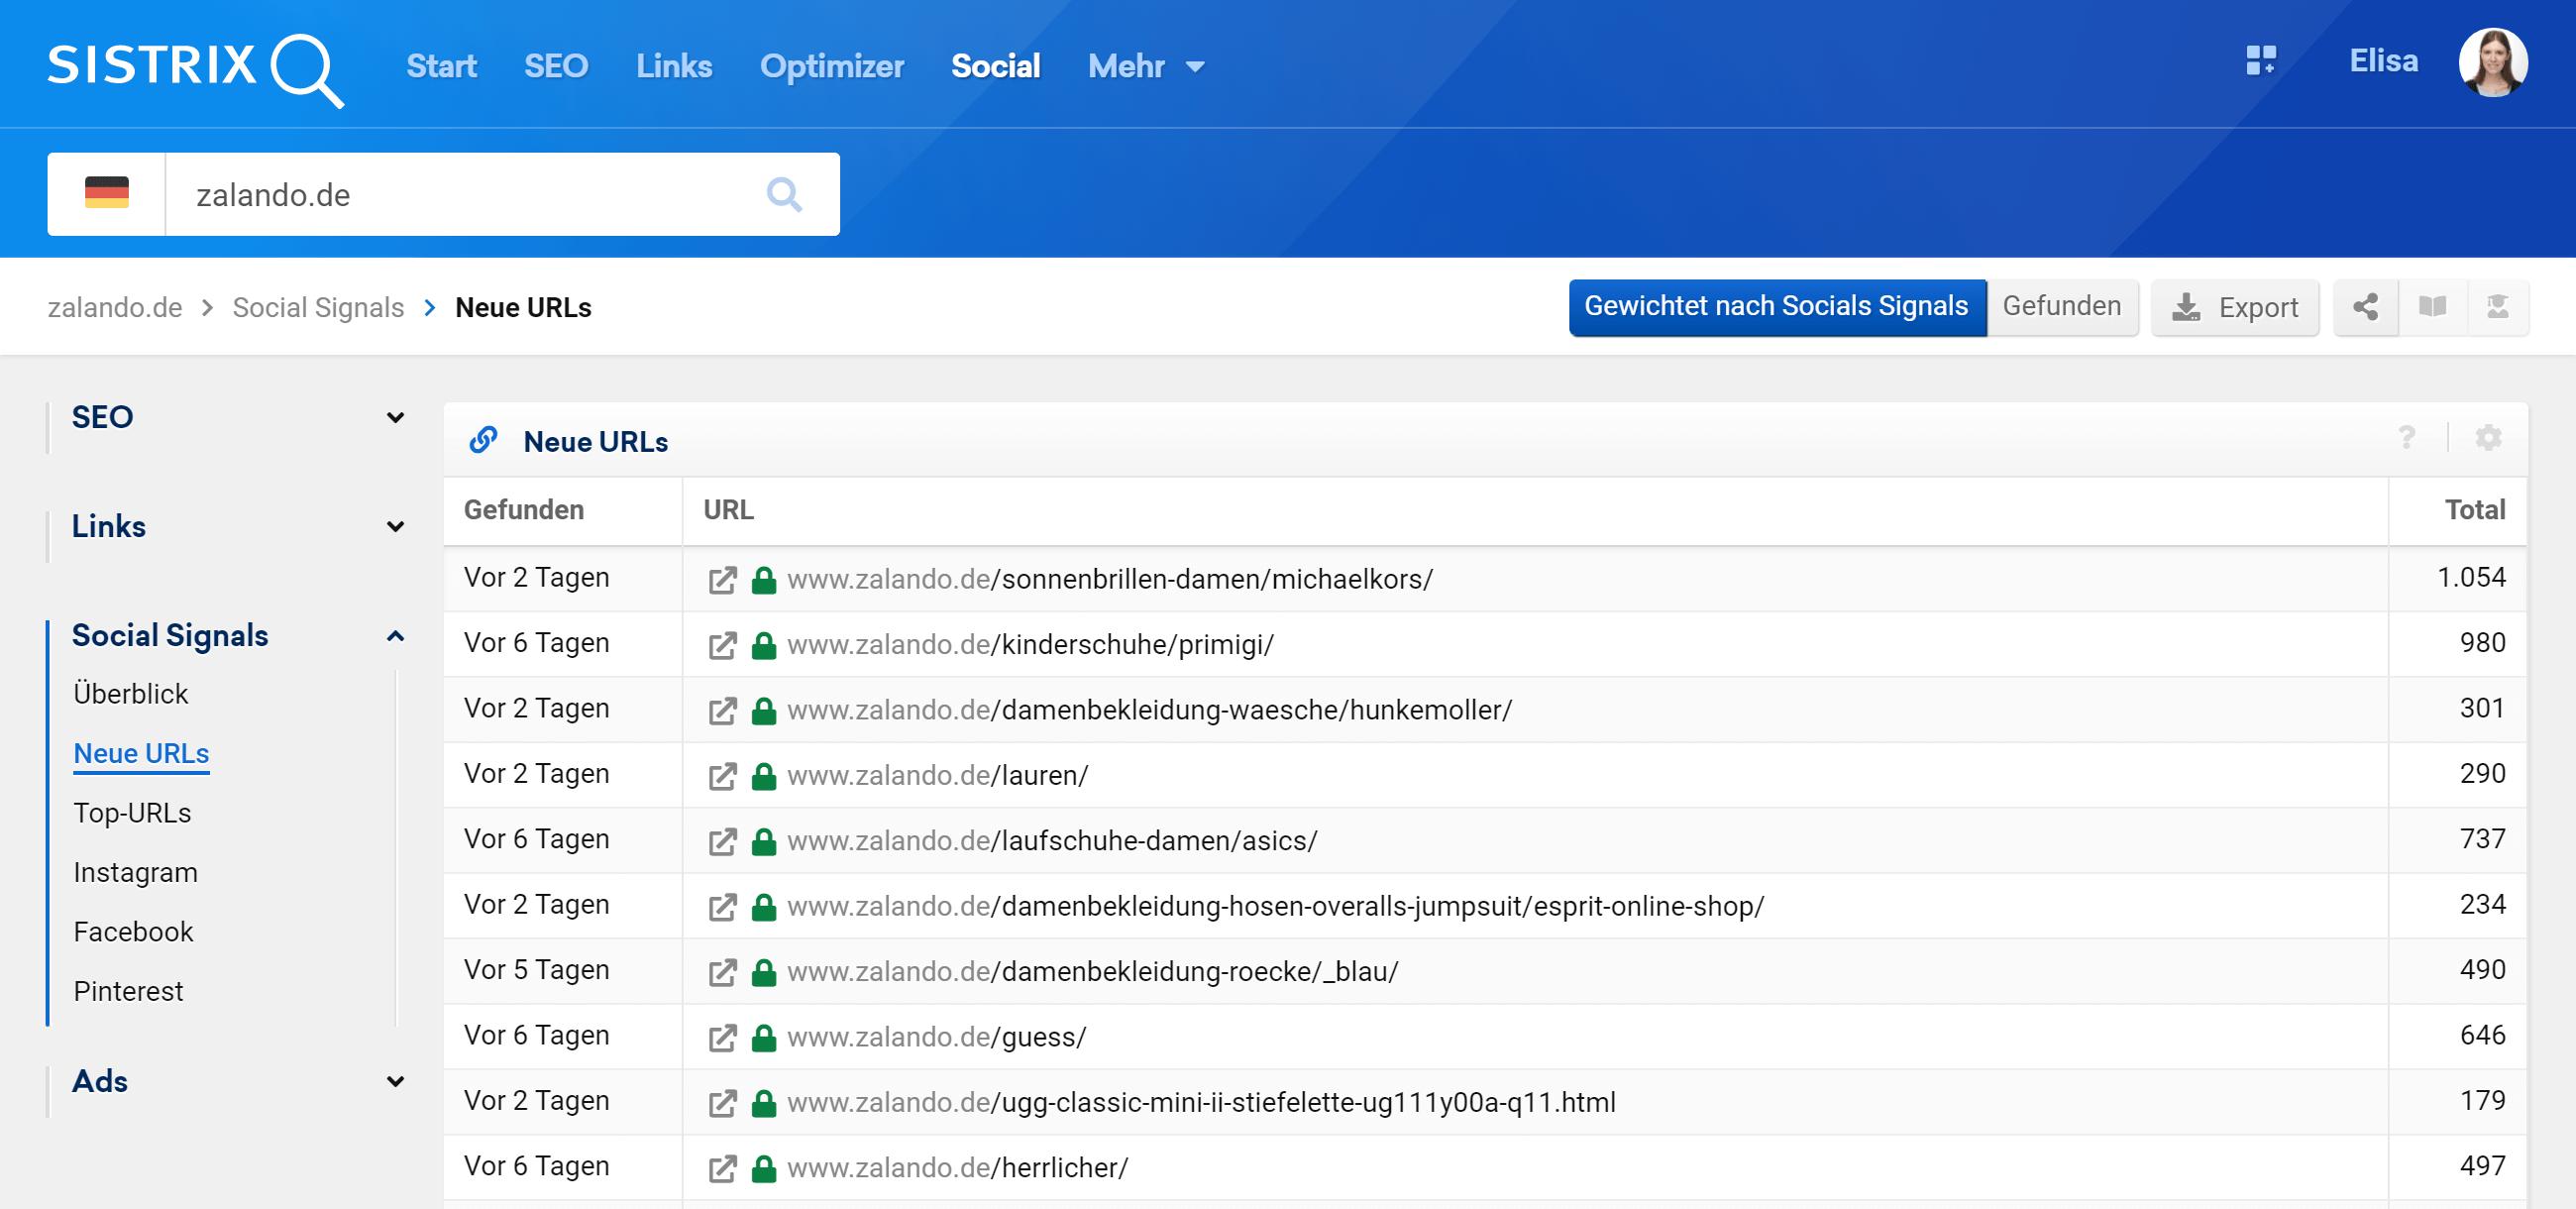 """Der Bereich """"Neue URLs"""" in dem Social Modul der SISTRIX Toolbox"""